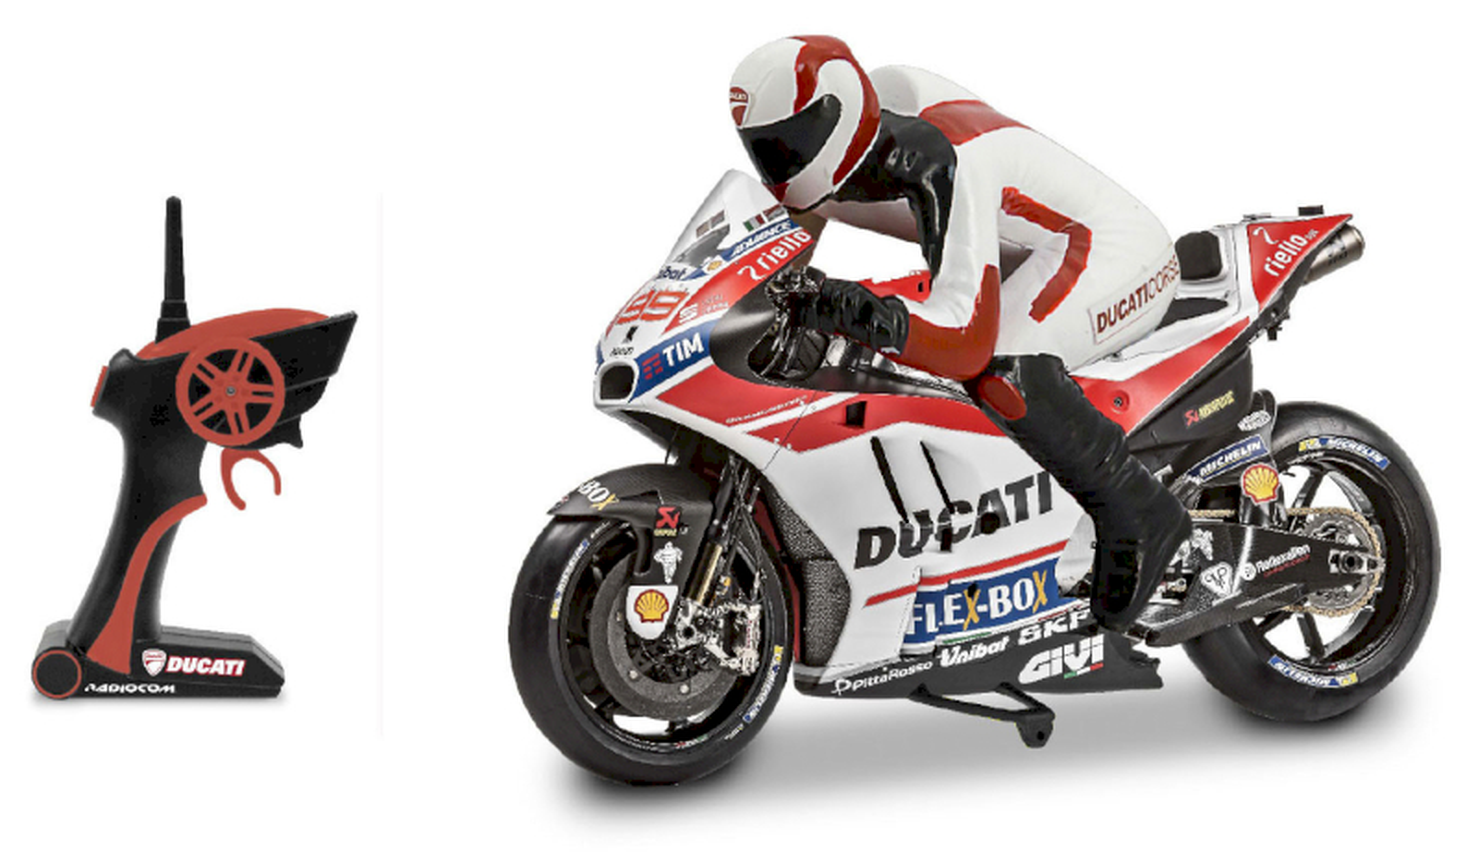 Motorrad R/C Ducati Desmosedici